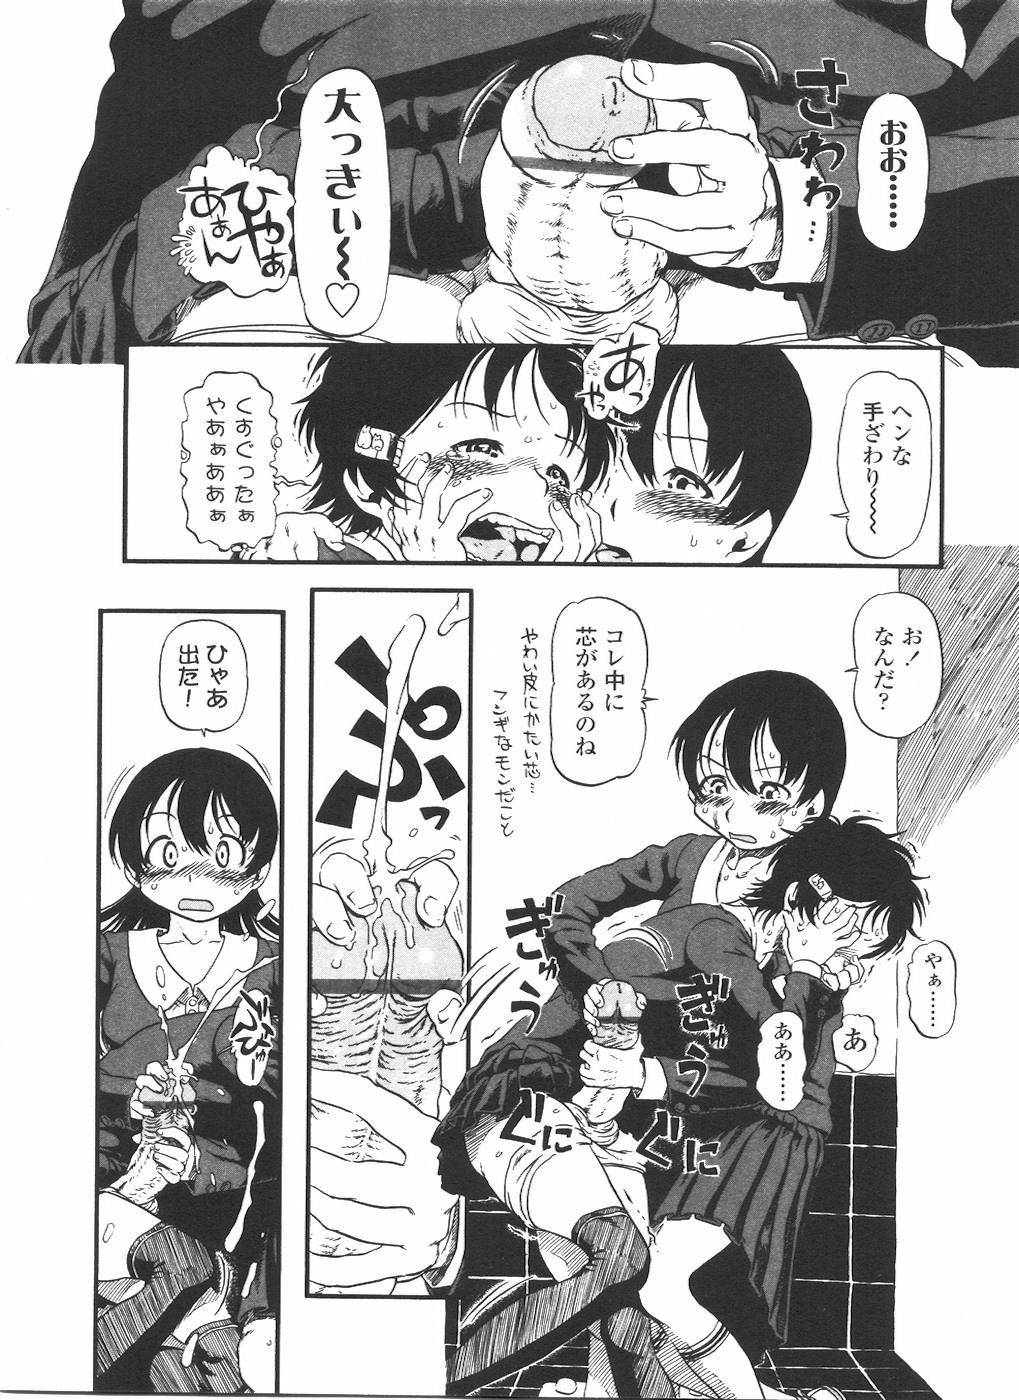 Futanarikko LOVE 11 133